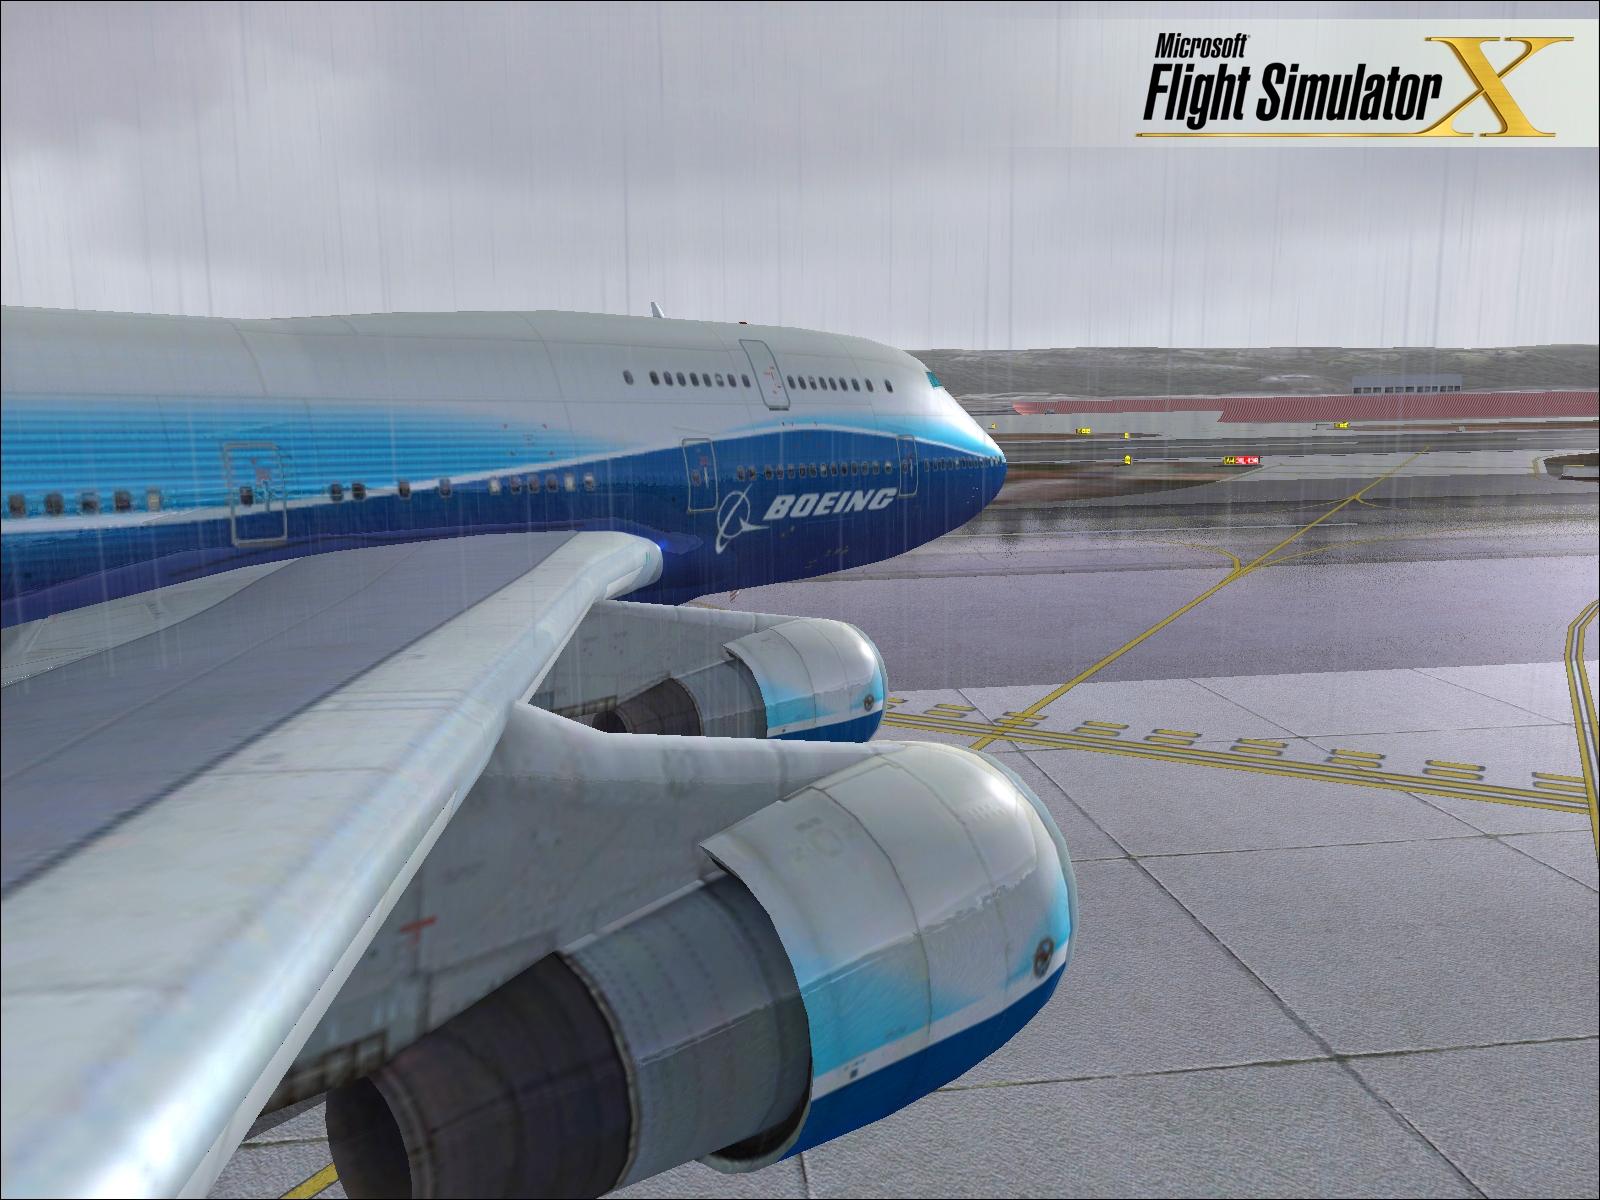 ... Flight Simulator X desktop wallpaper | 1 of 83 | Video-Game-Wallpapers